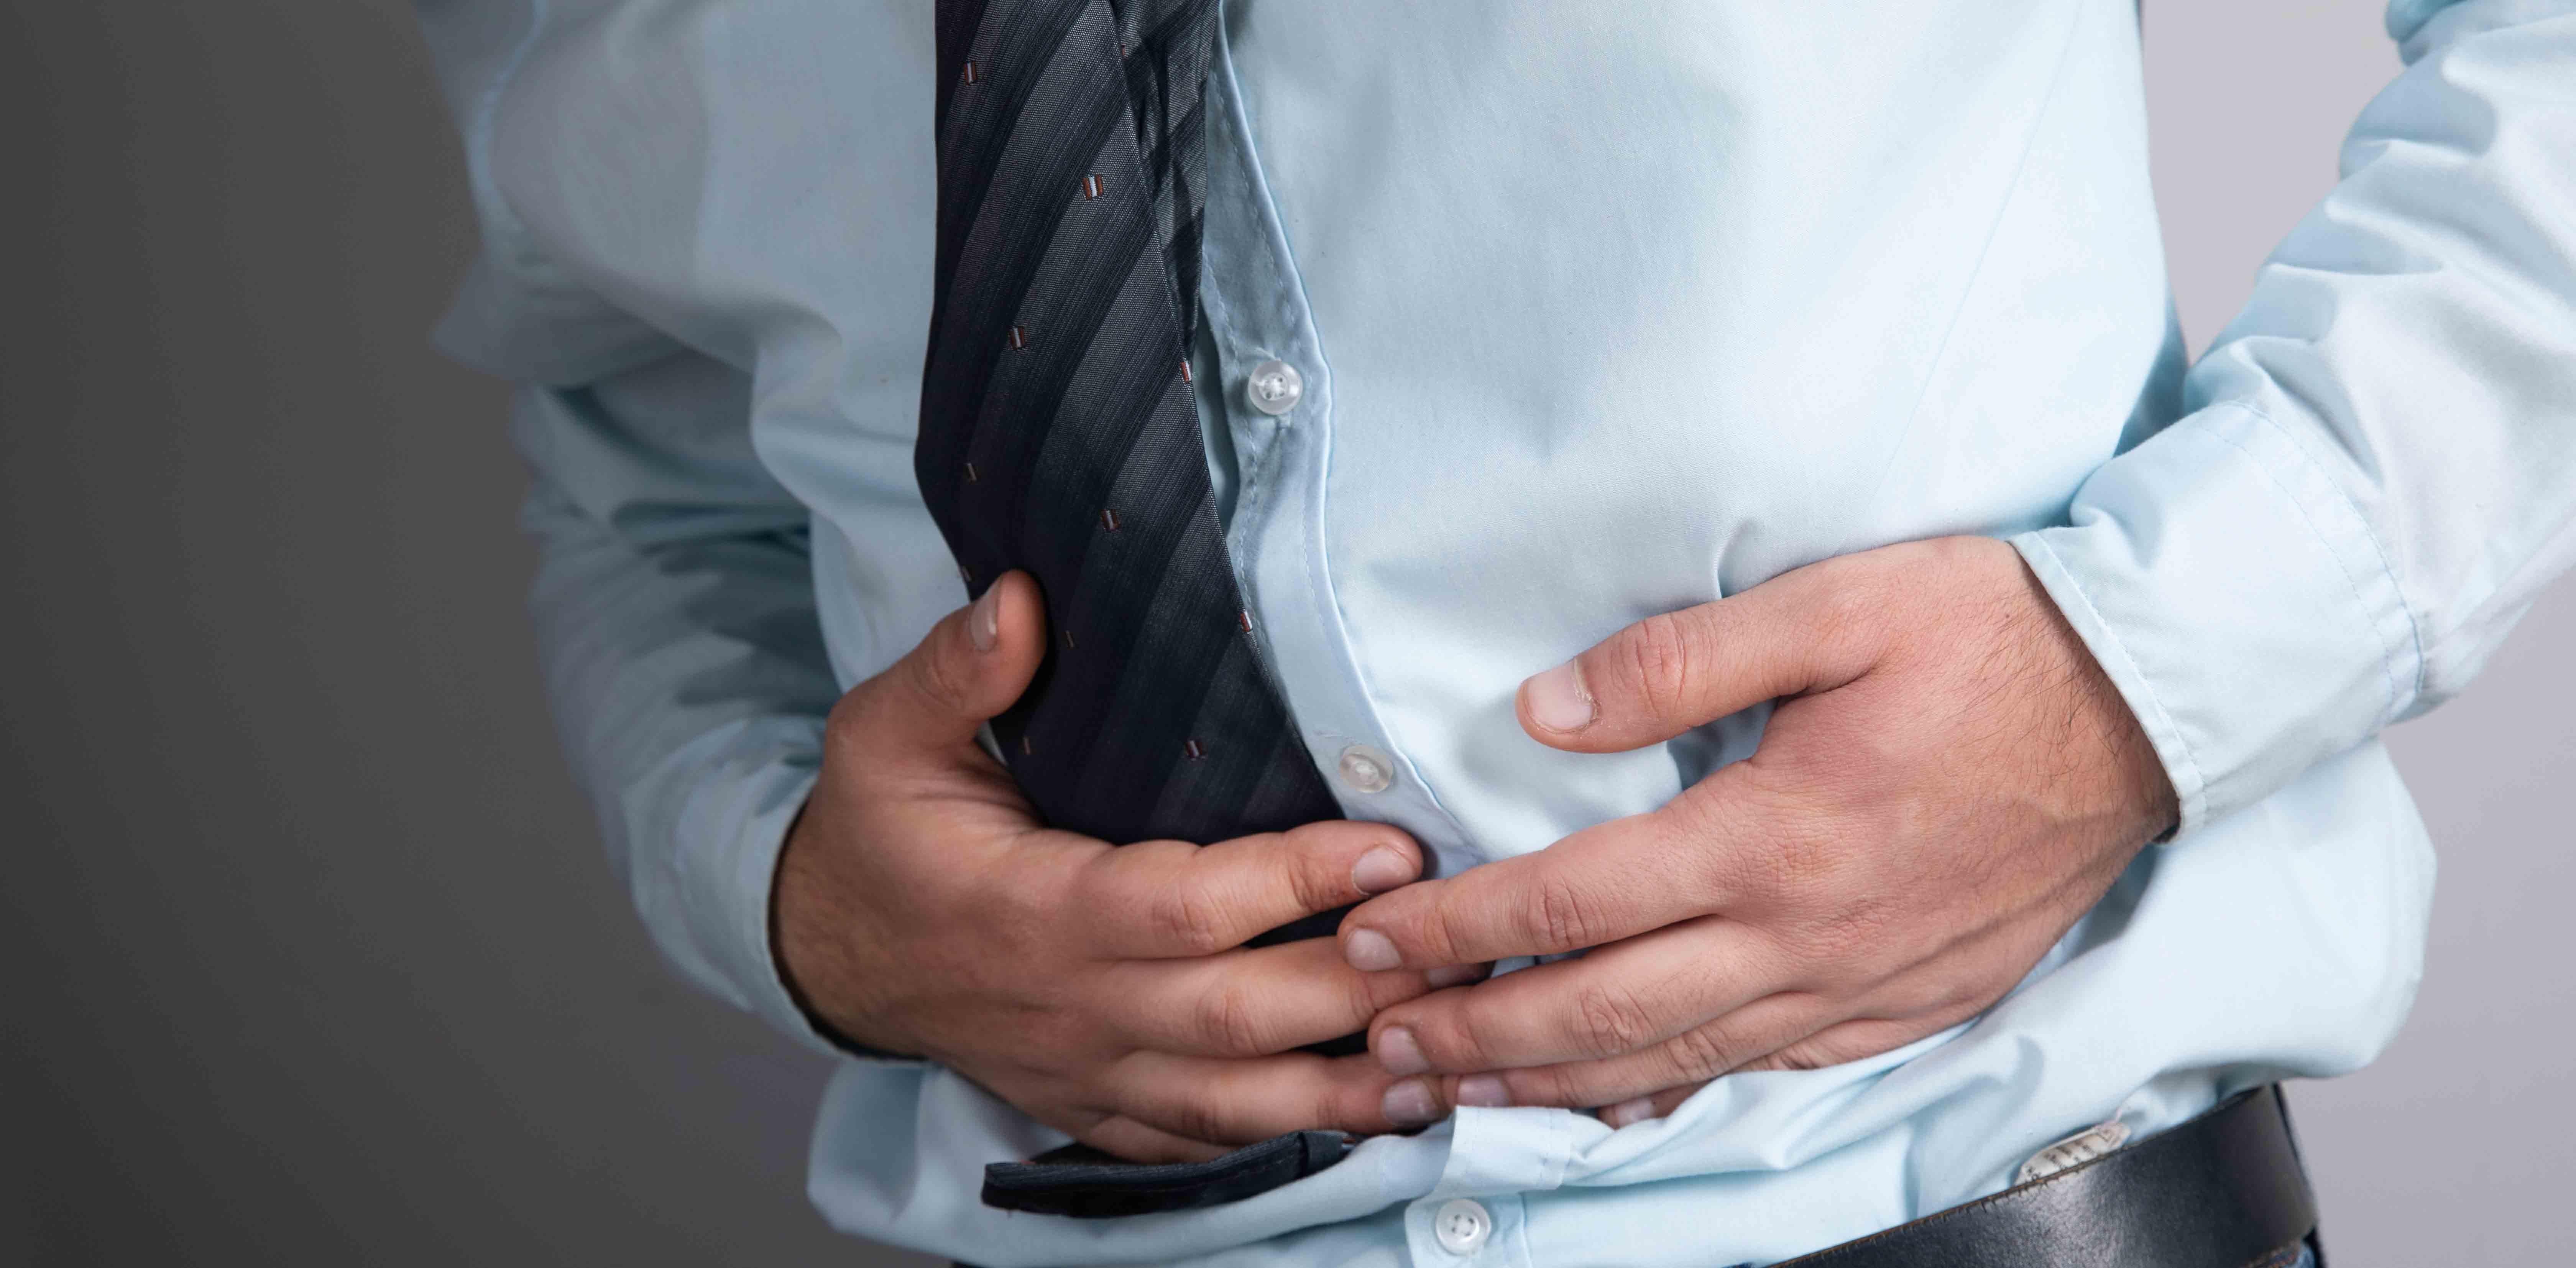 L'ulcère peut parfois être douloureux